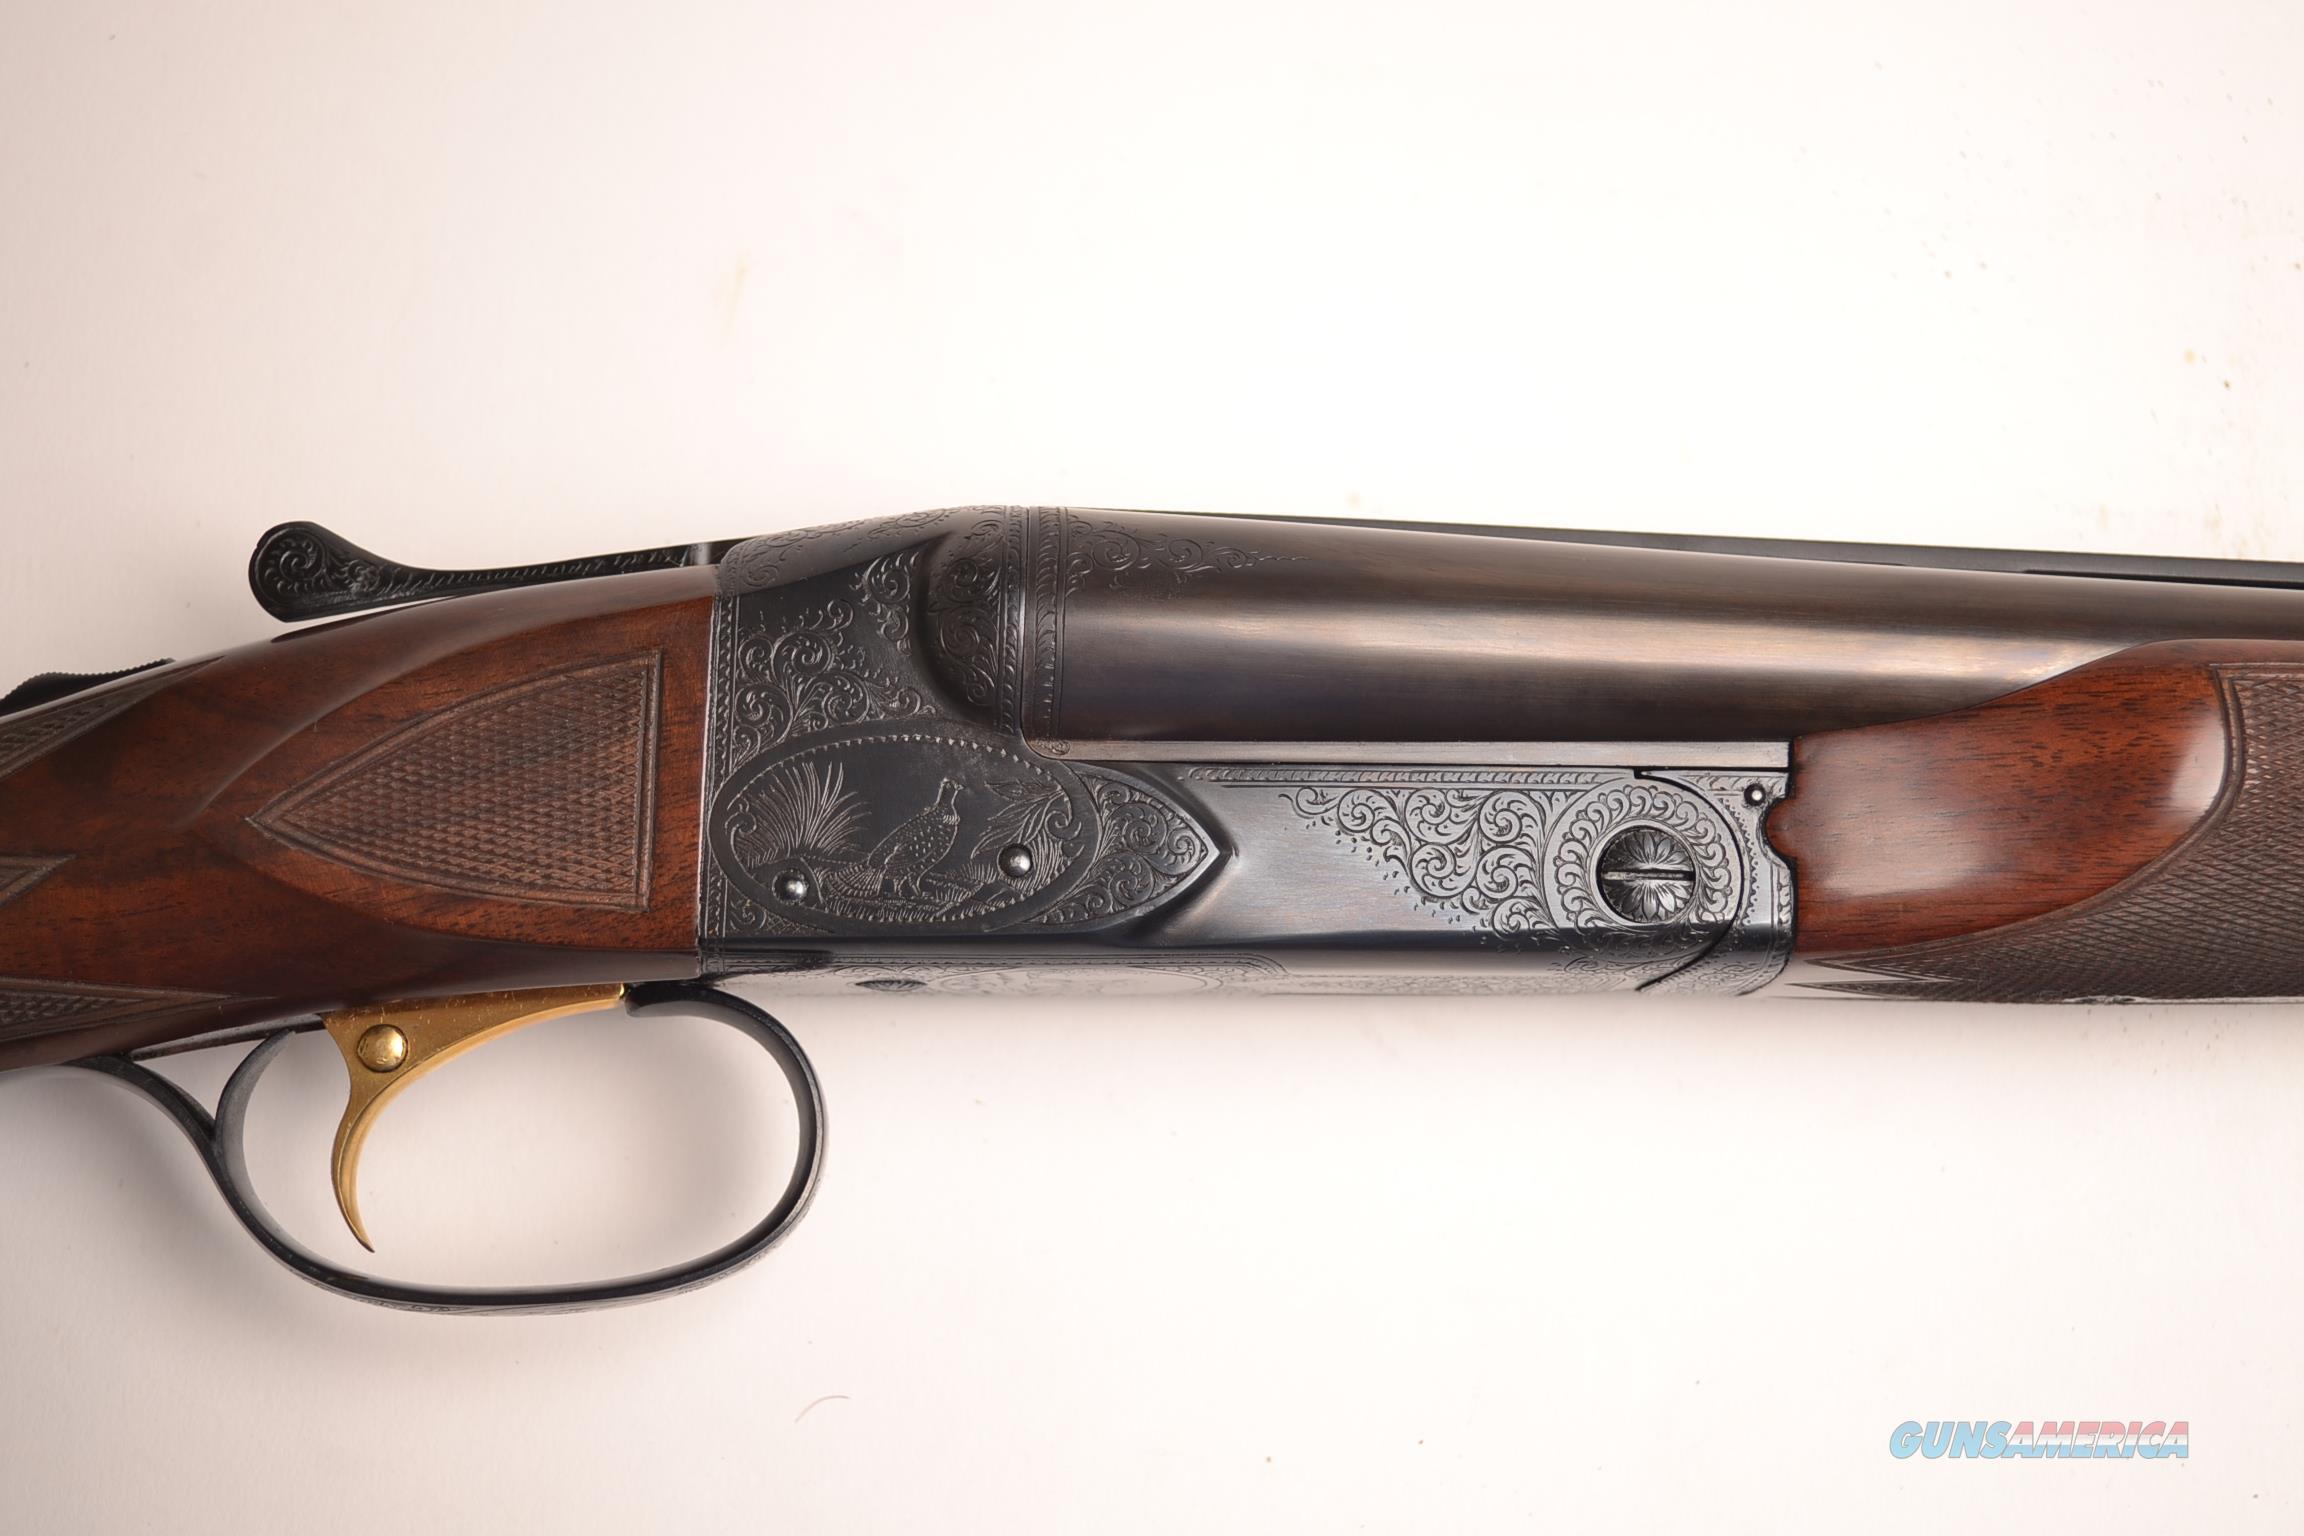 Winchester - Model 21, #5 engraving, 16ga.  Guns > Shotguns > Winchester Shotguns - Modern > SxS